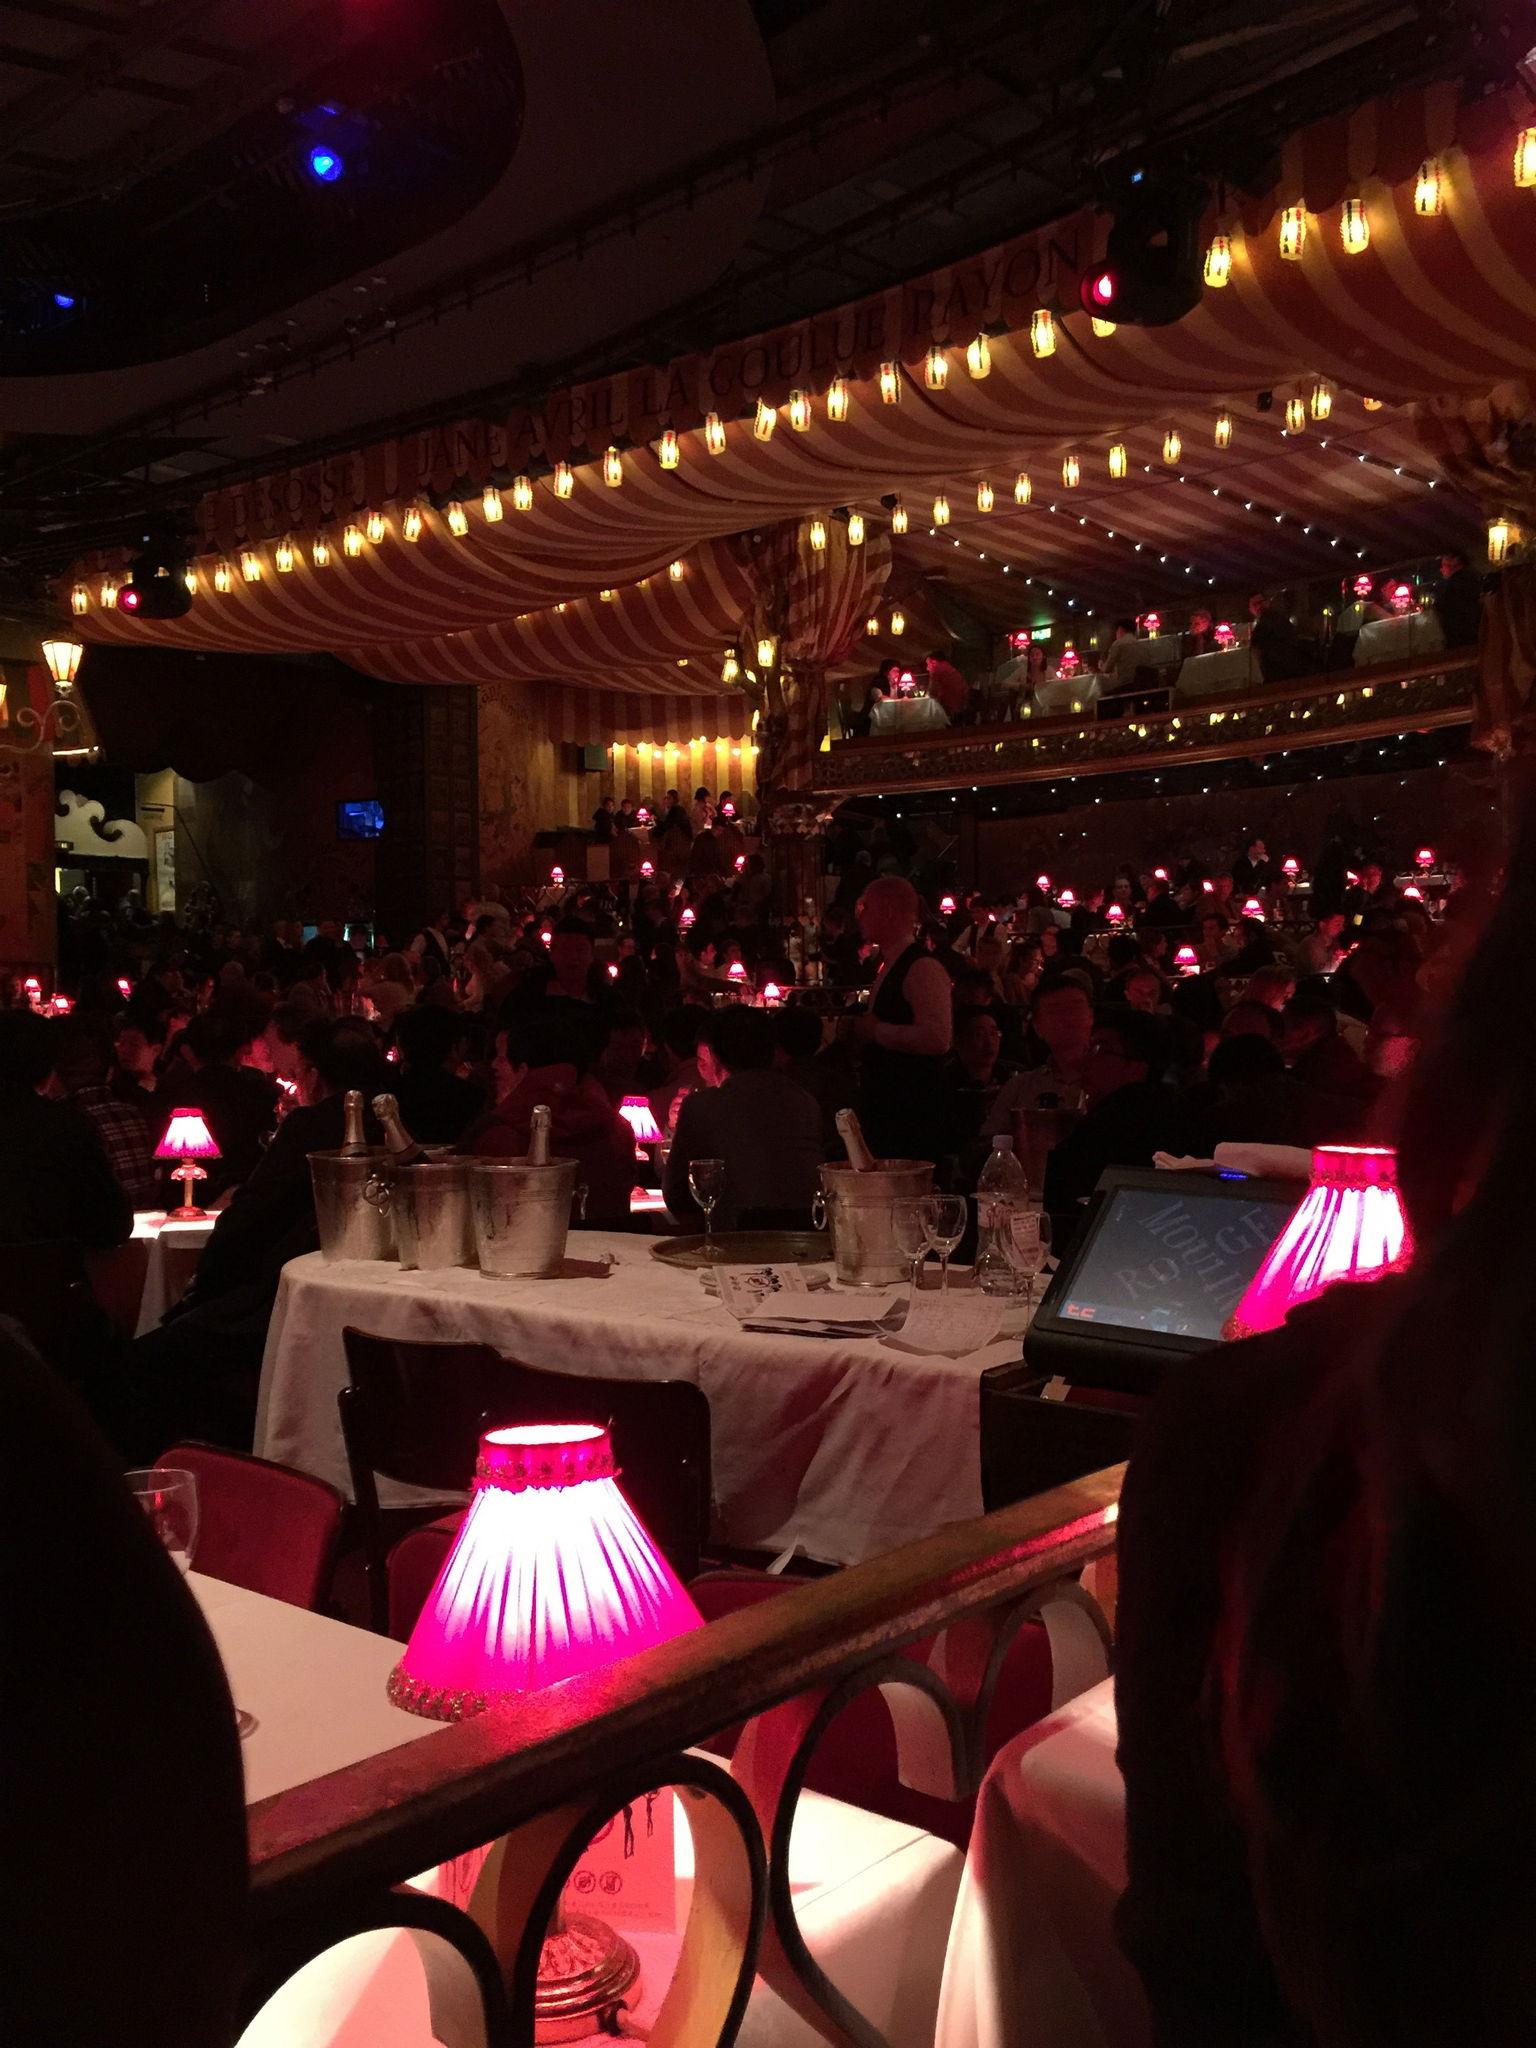 MÁS FOTOS, Espectáculo nocturno con champán en el Moulin Rouge